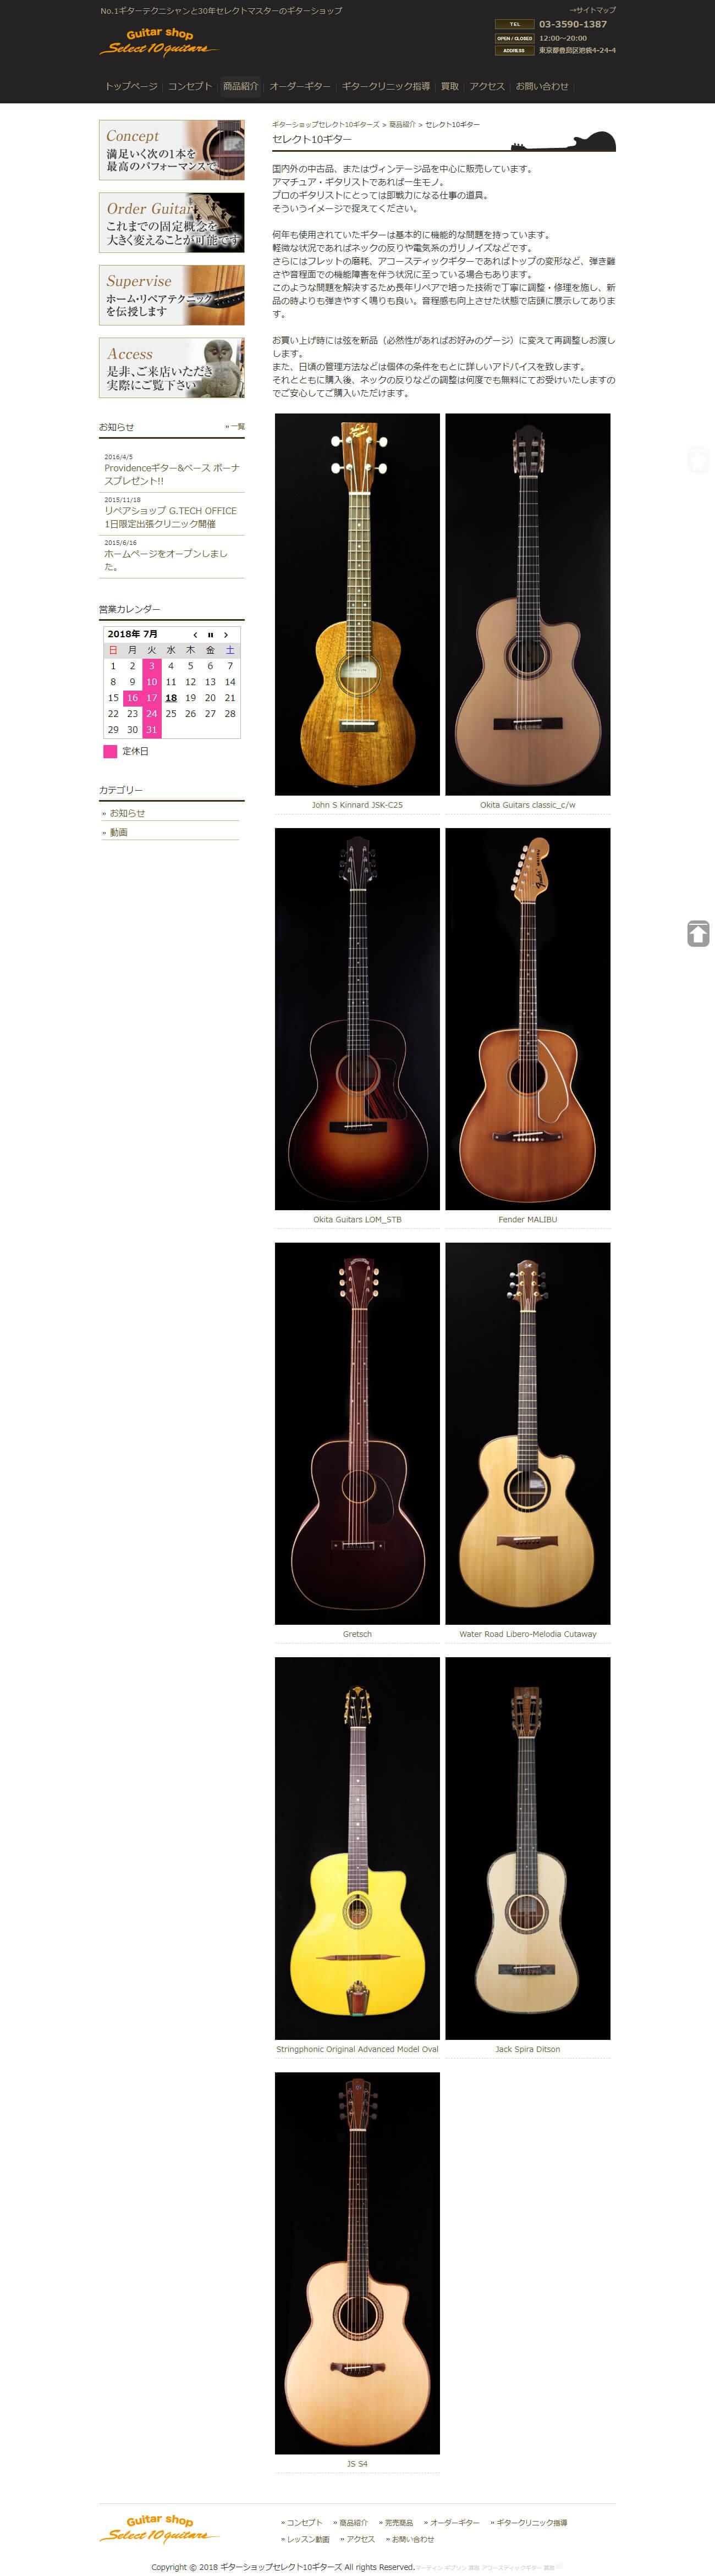 東京都 セレクト10ギターズ様 ホームページ制作2